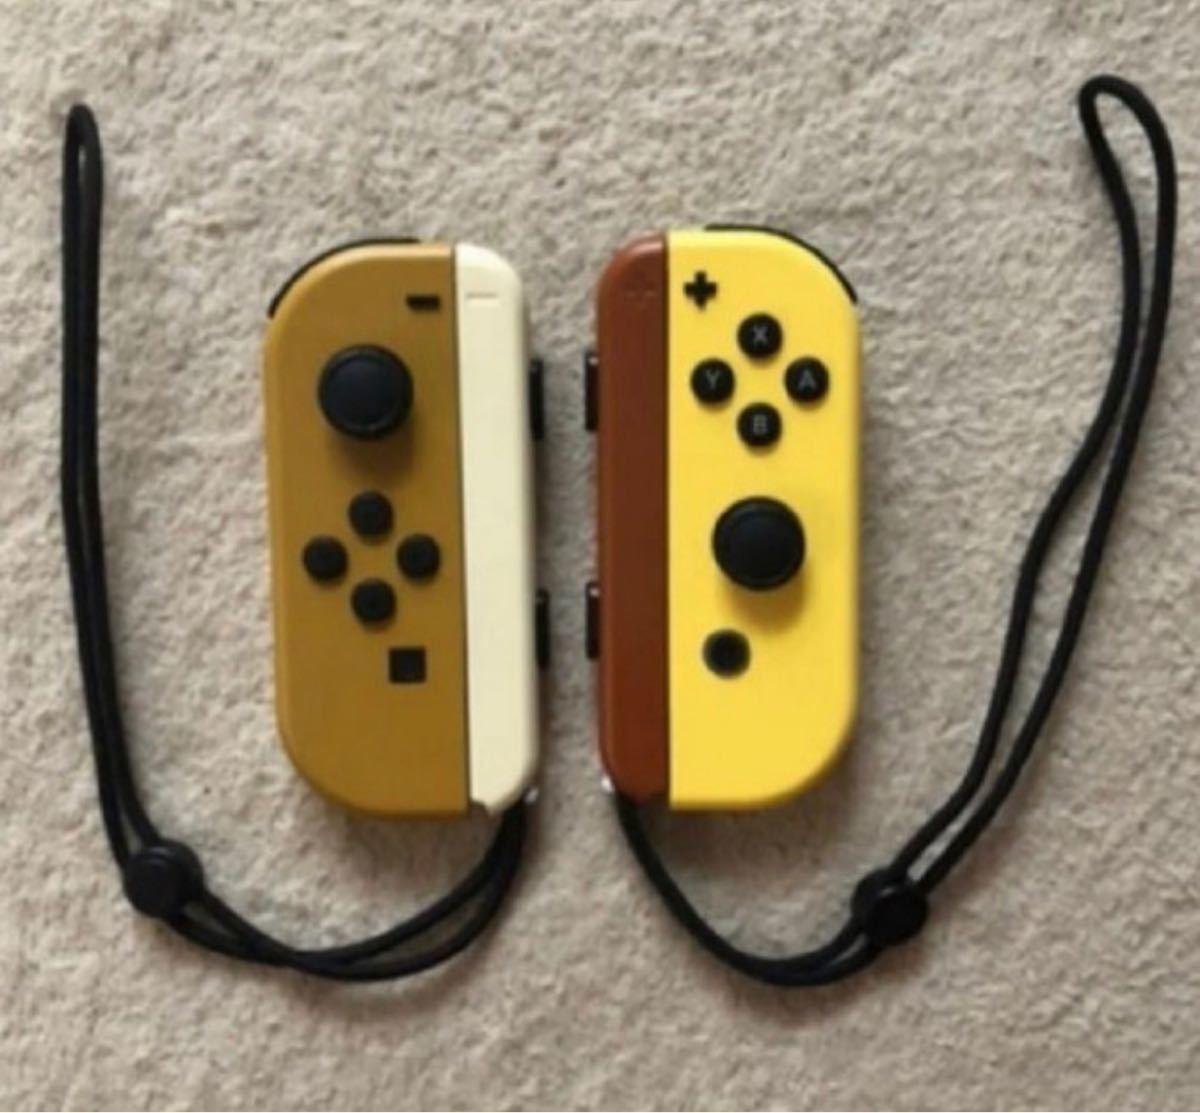 ジョイコン ポケモン Nintendo Switch コントローラー